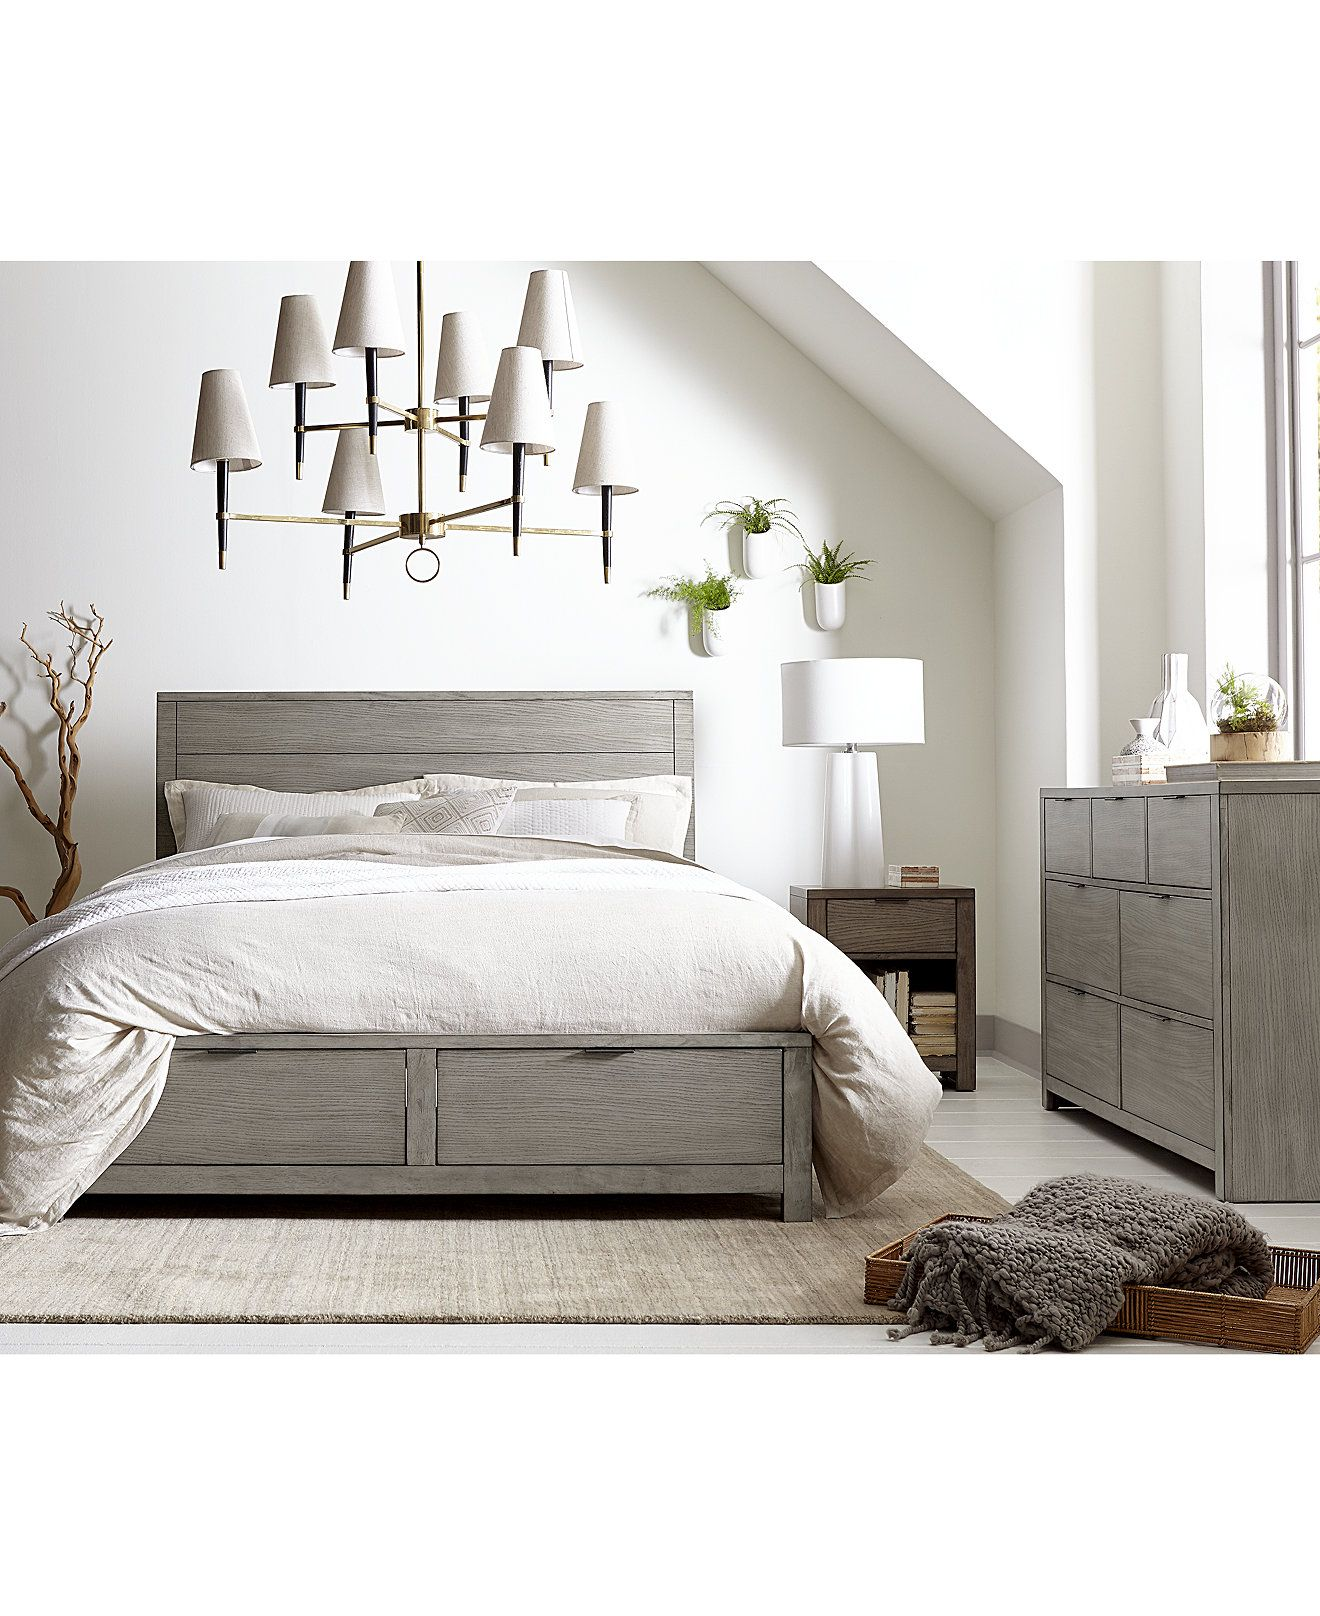 Tribeca Storage Platform Bedroom Furniture Collection